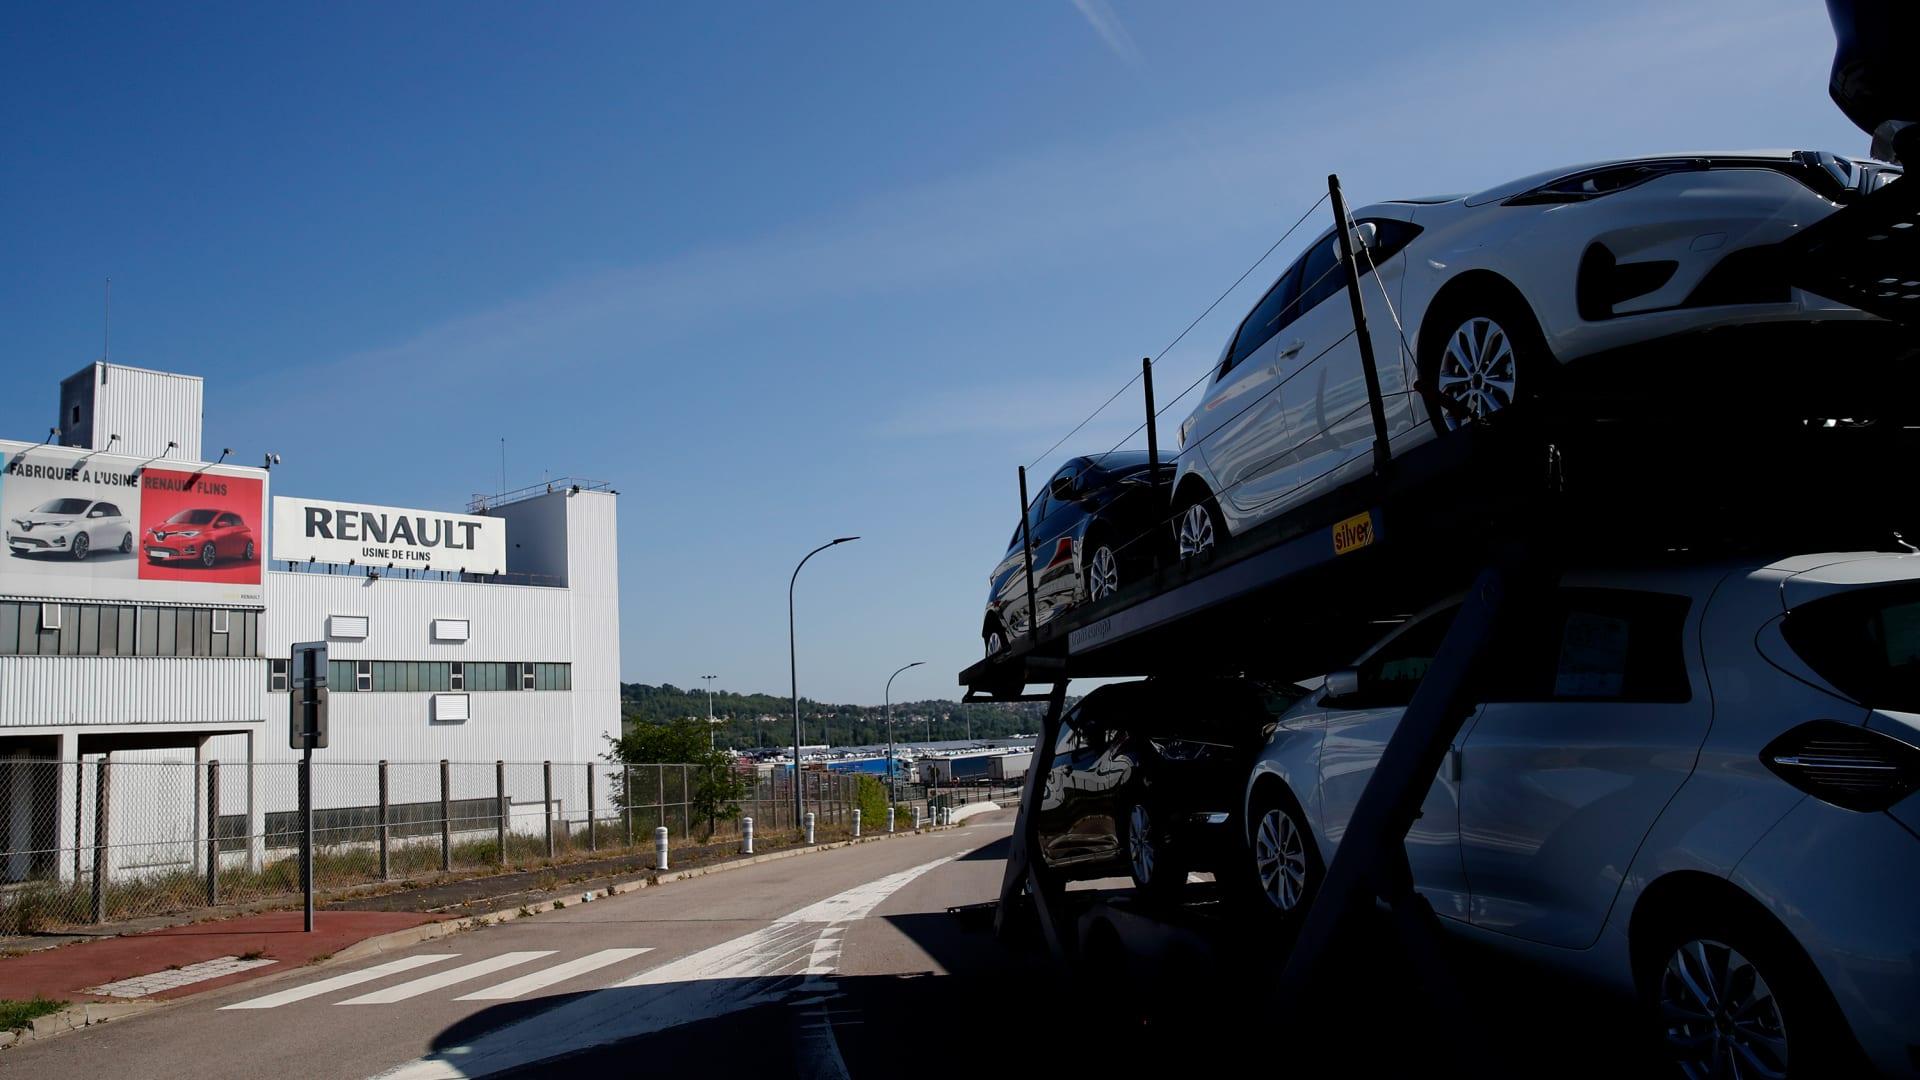 فرنسا تعلن عن حزمة مساعدات لقطاع السيارات المتأثر بكورونا.. هذه قيمتها